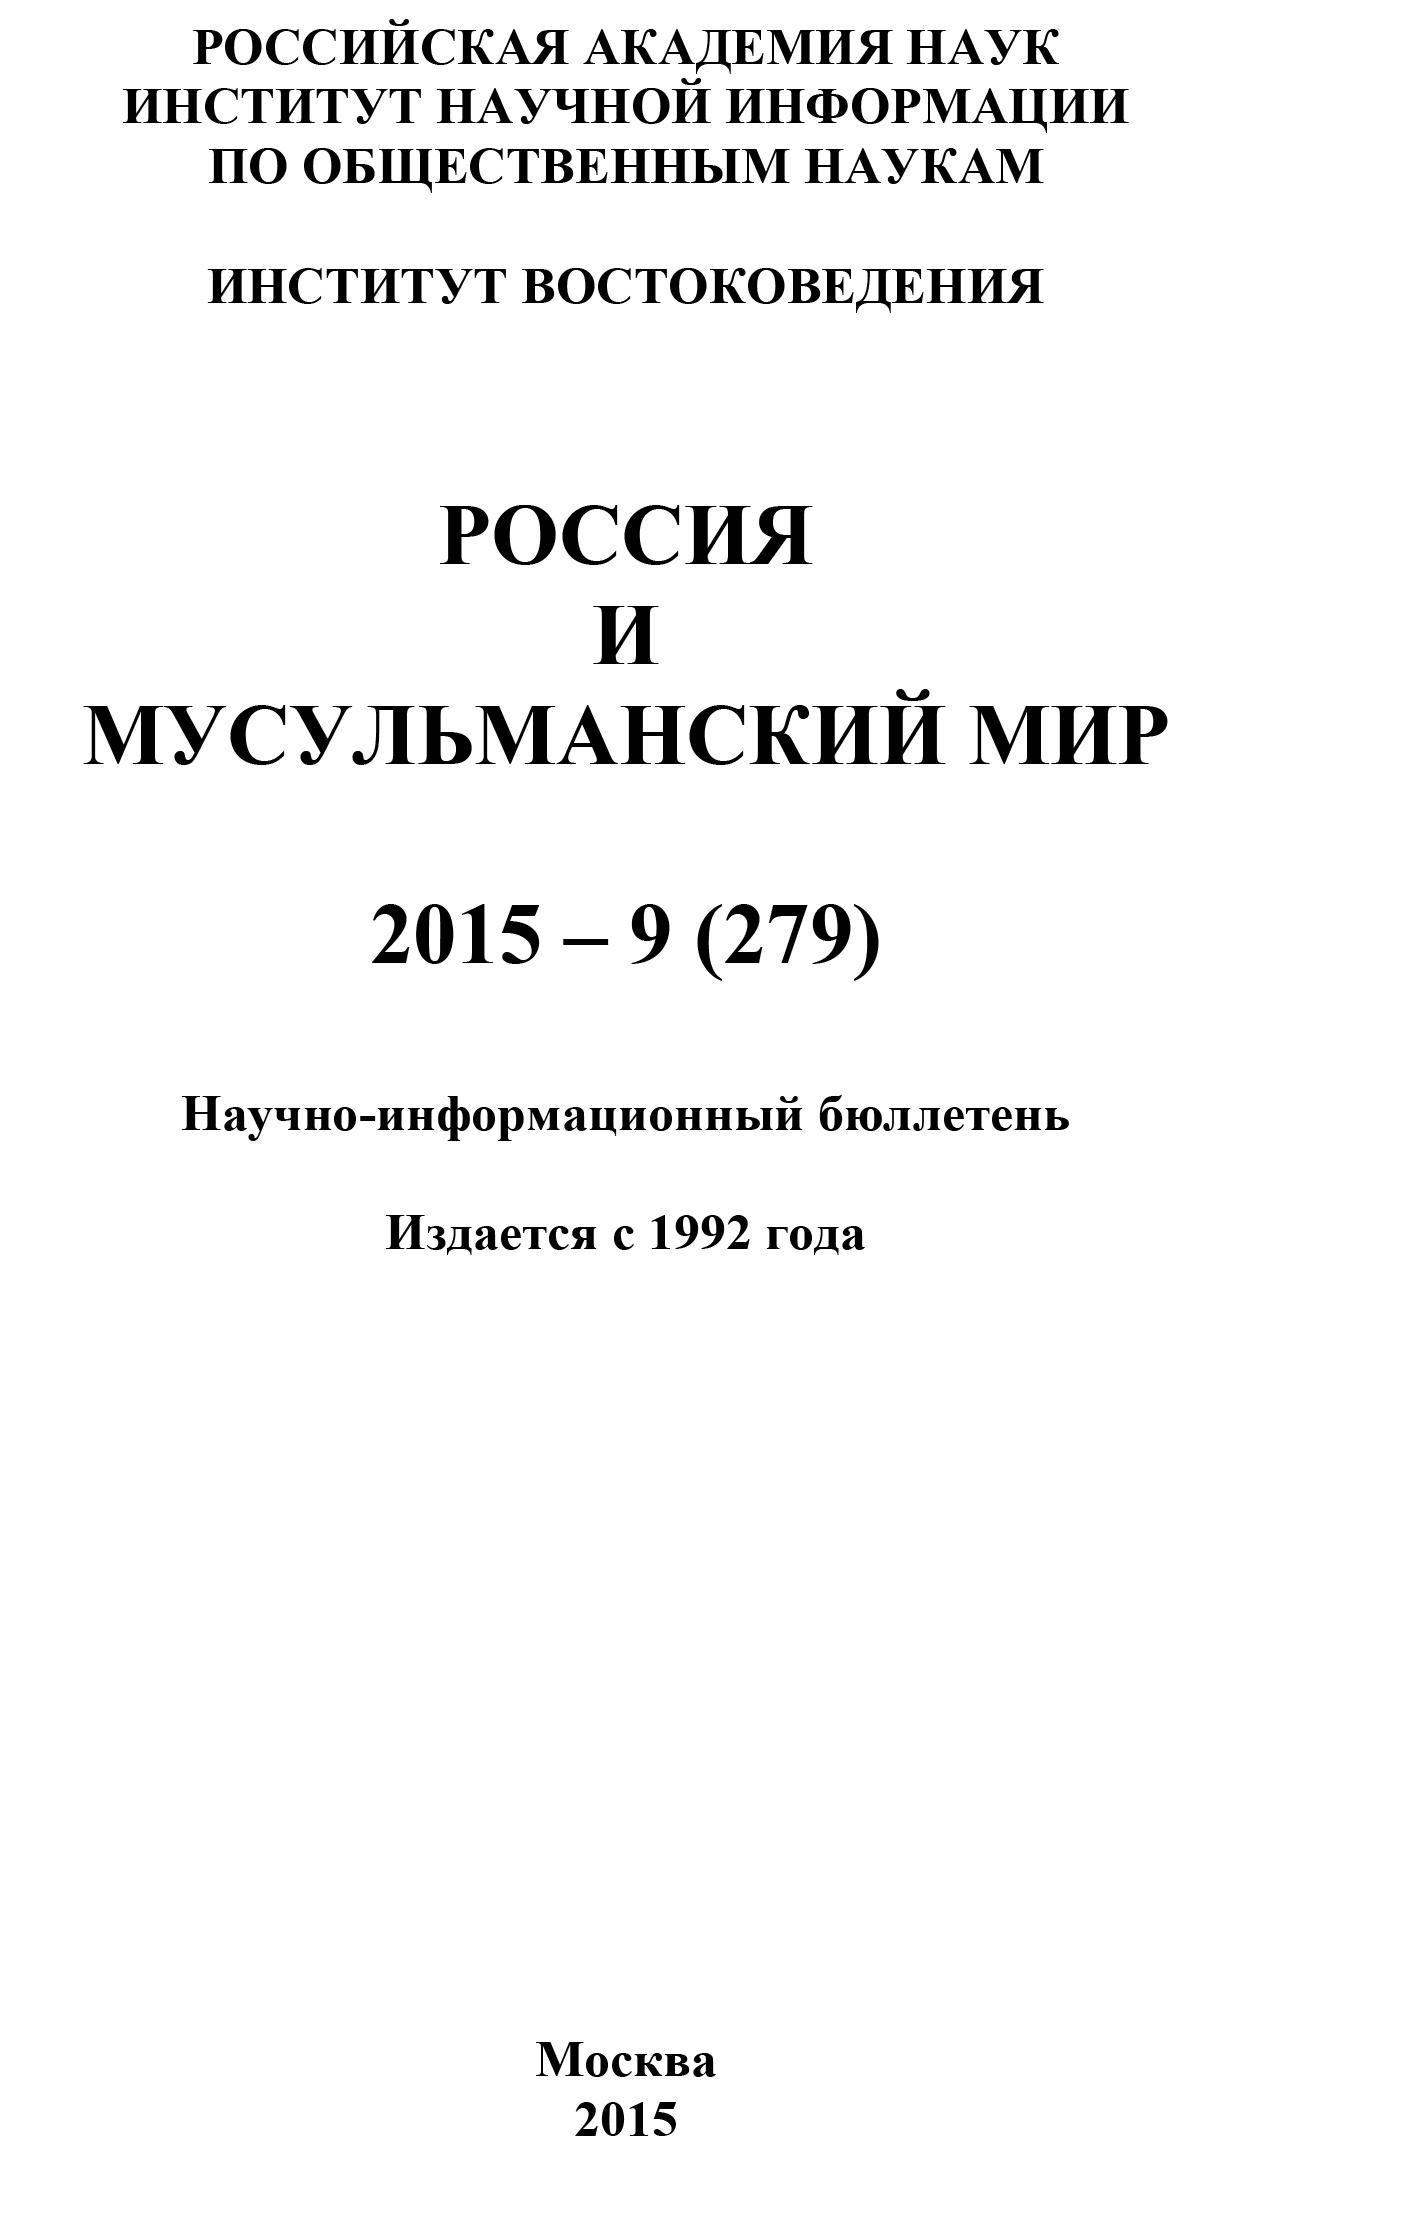 Коллектив авторов Россия и мусульманский мир № 9 / 2015 коллектив авторов россия и мусульманский мир 1 2015